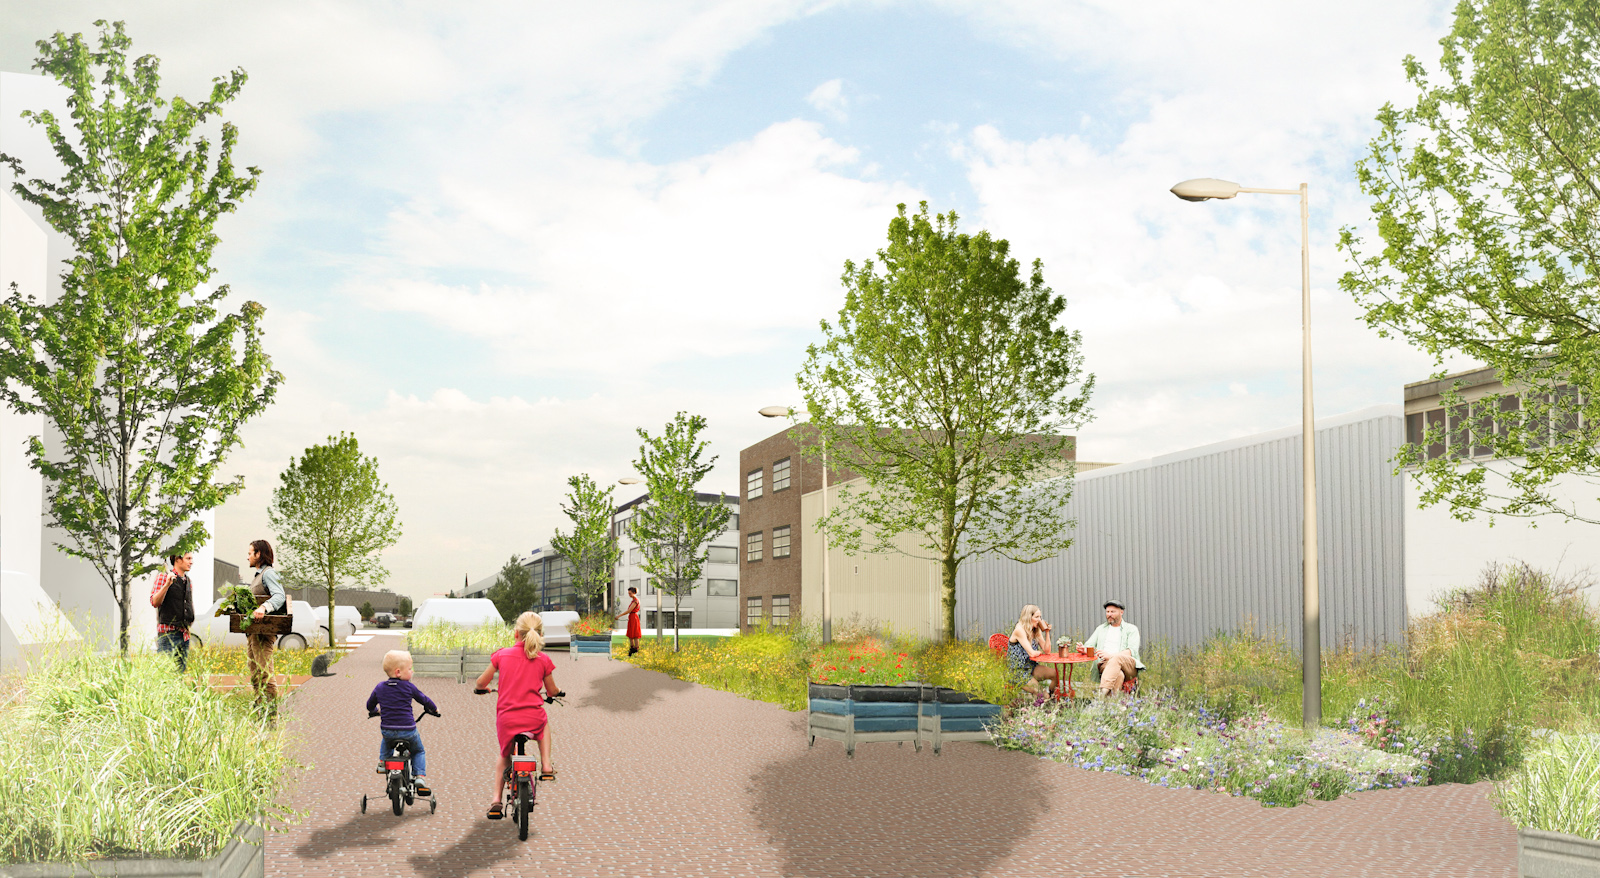 Ontwerp voor de straat - Idee schilderen ruimte ontwerp ...